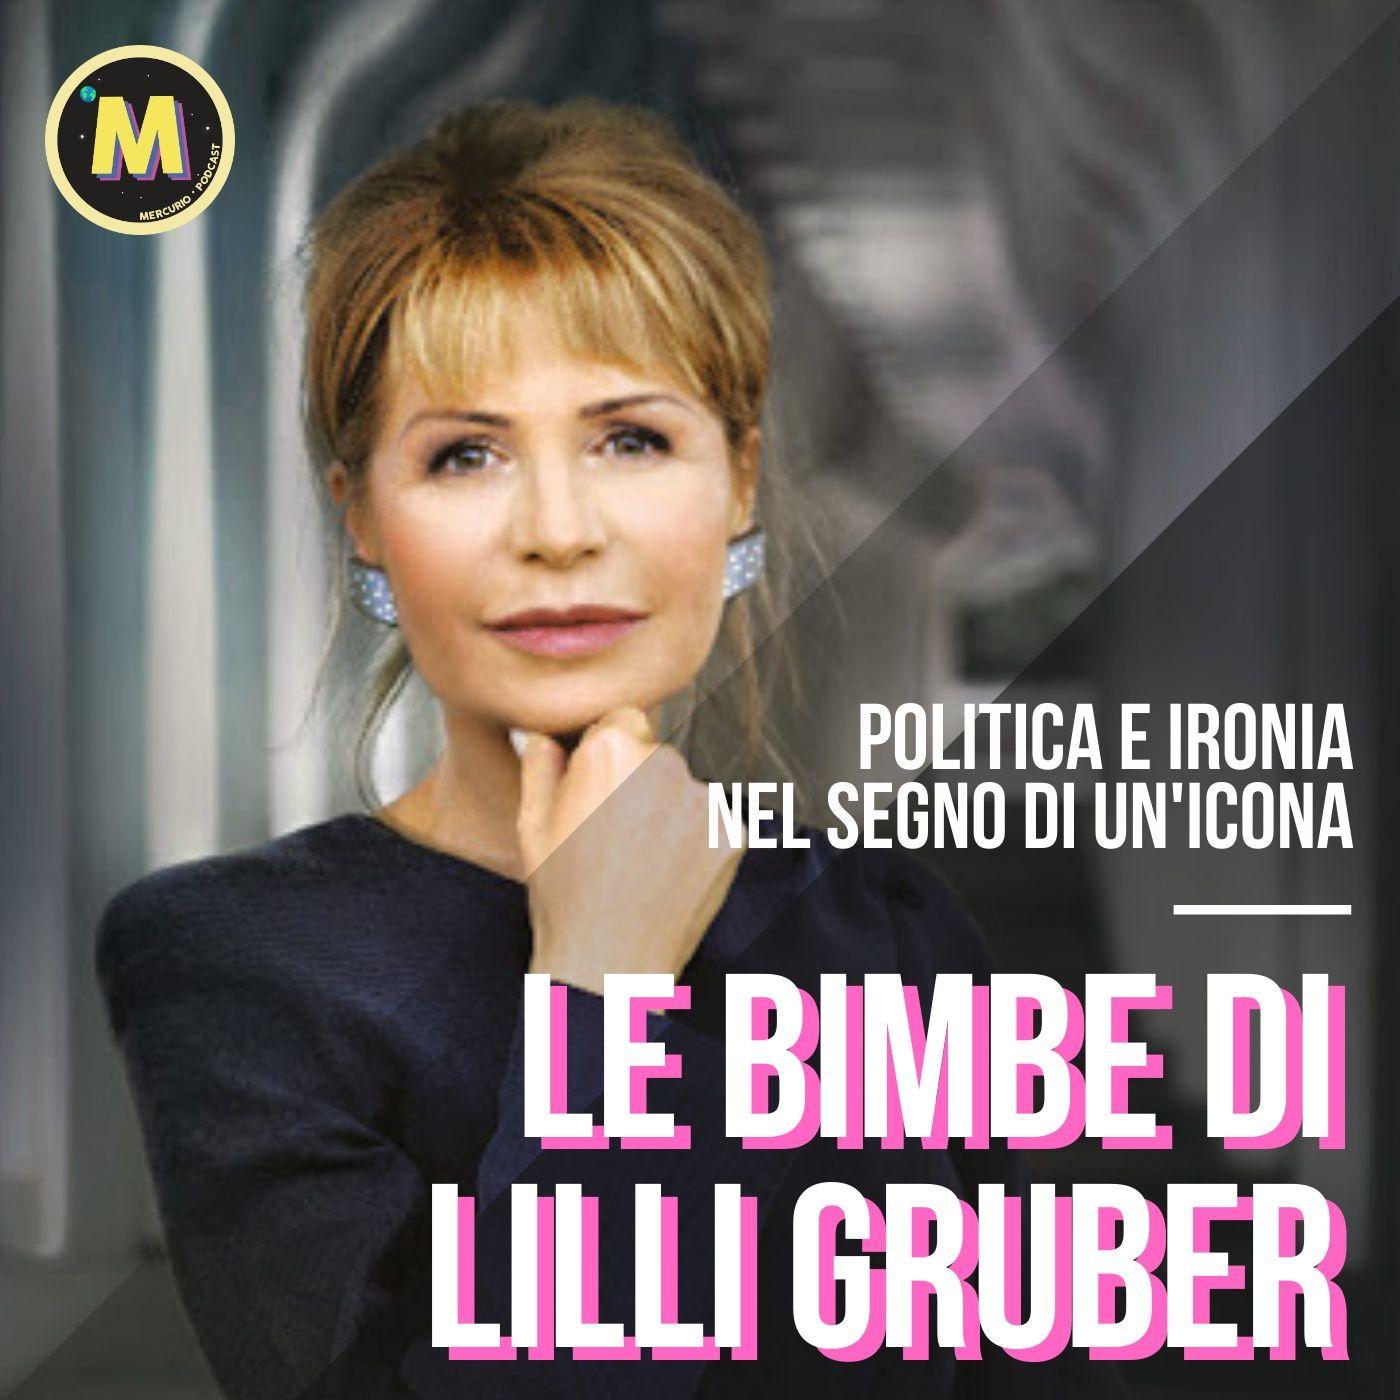 #17 - Politica e ironia, nel segno di un'icona   con Le Bimbe di Lilli Gruber